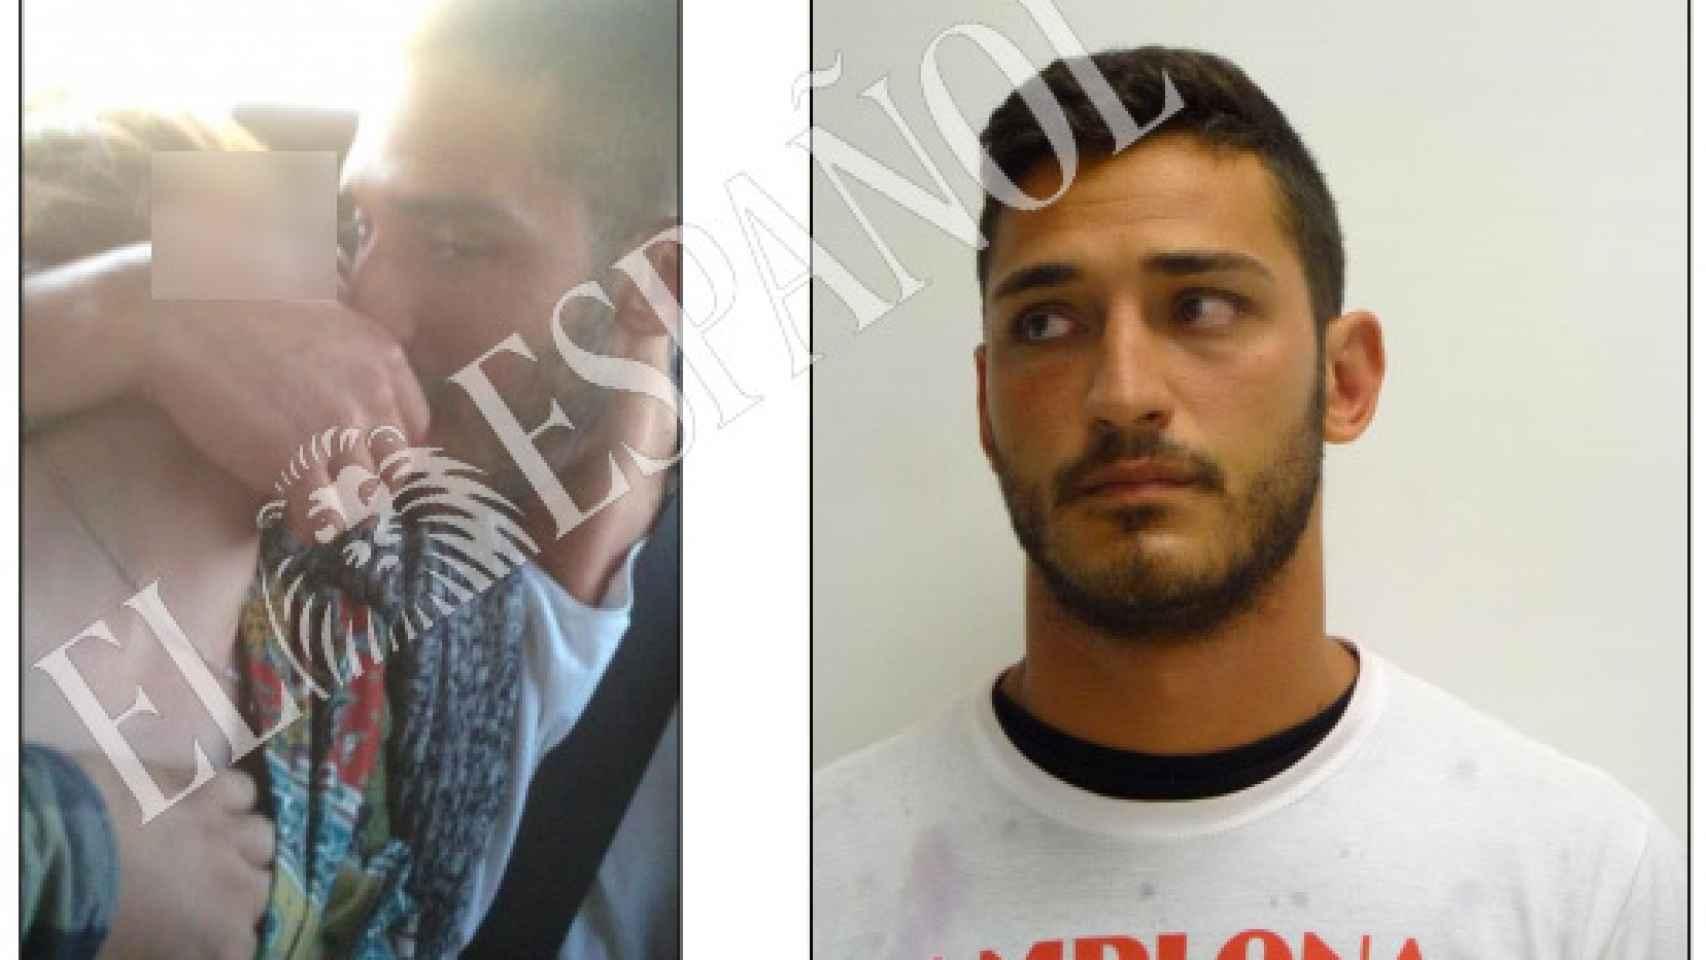 Alfonso Jesús Cabezuelo, en el vídeo con la denunciante, y tras la detención en Pamplona.